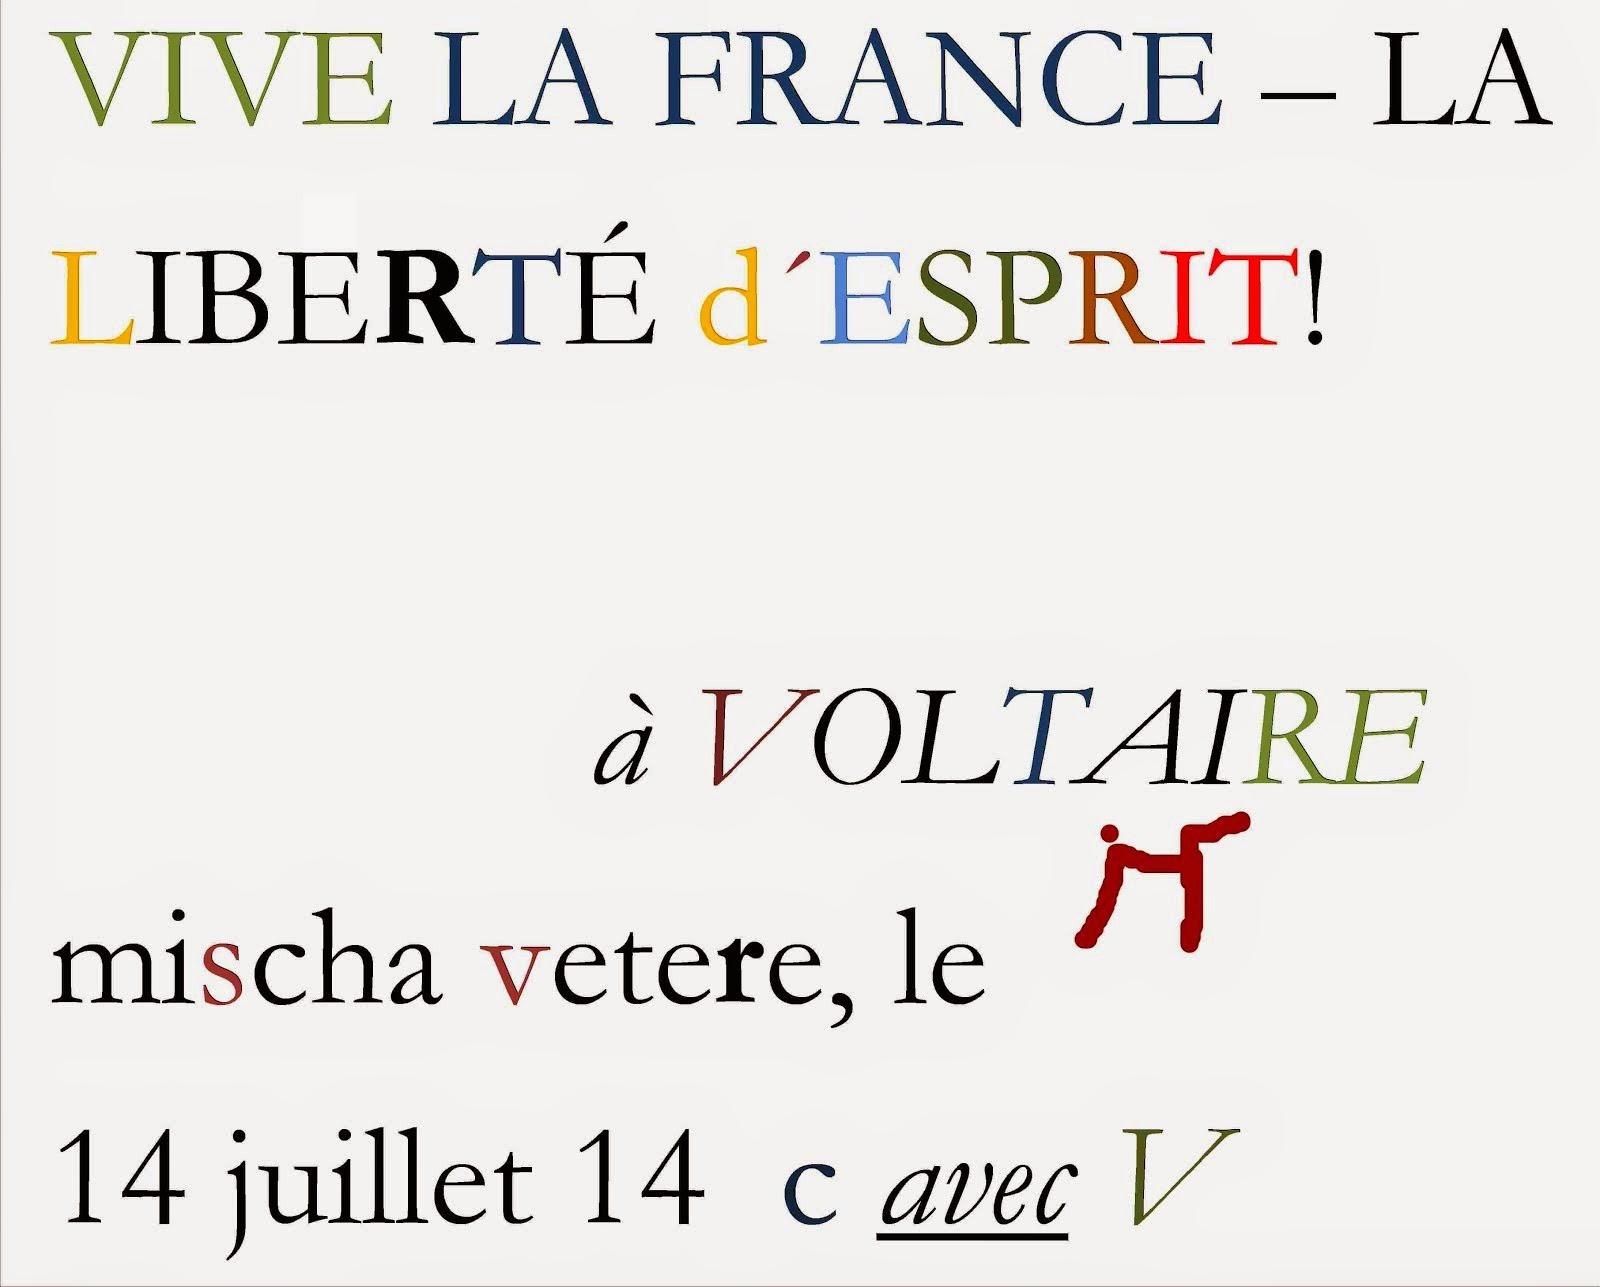 le 14 juillet 2014 (1791)